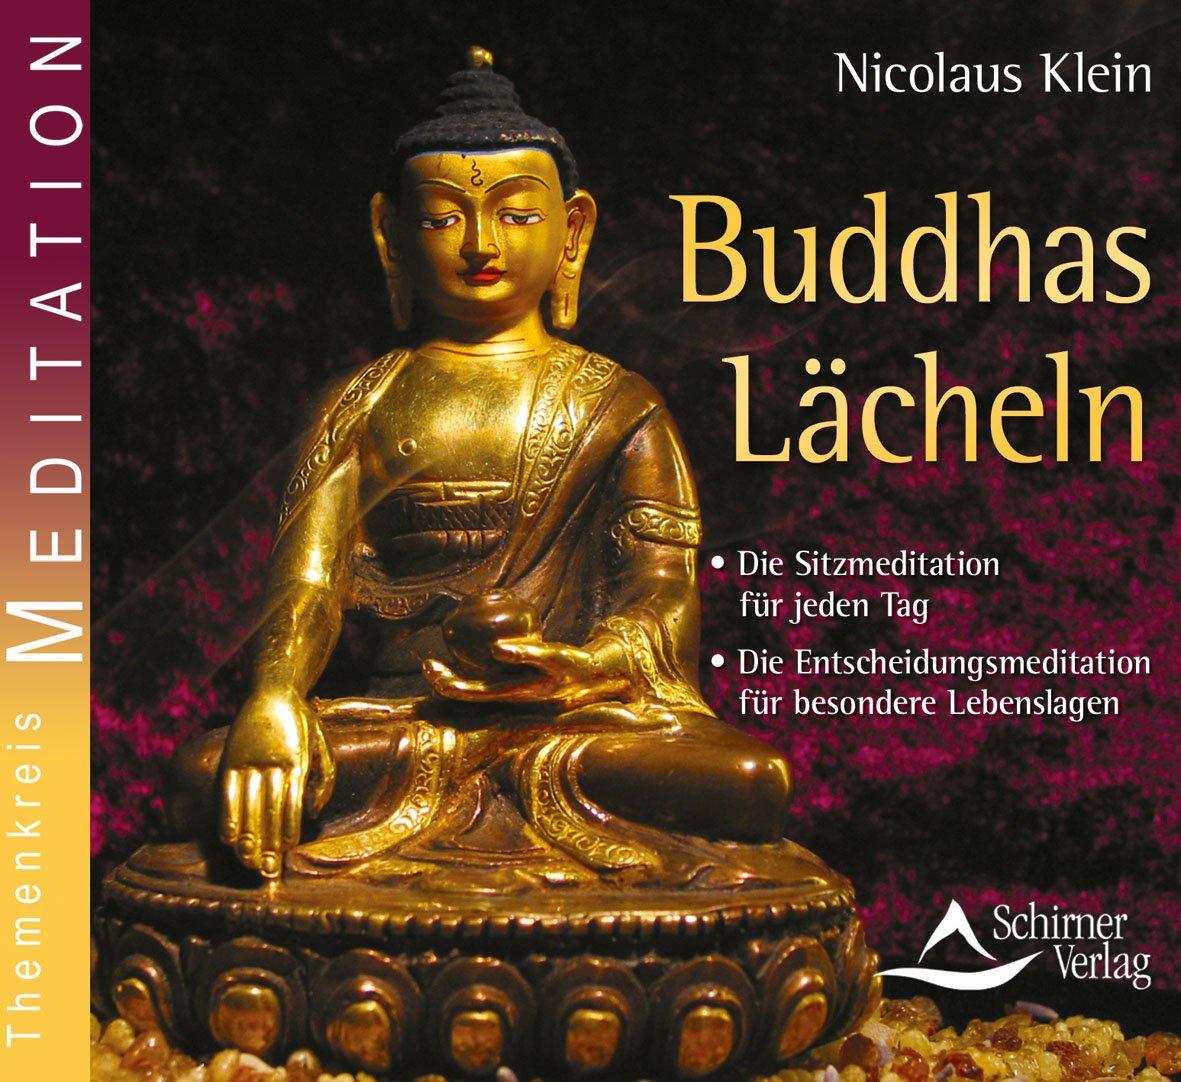 Buddhas Lächeln: Die Sitzmeditation für jeden Tag. Die Entscheidungsmeditation für besondere Lebenslagen